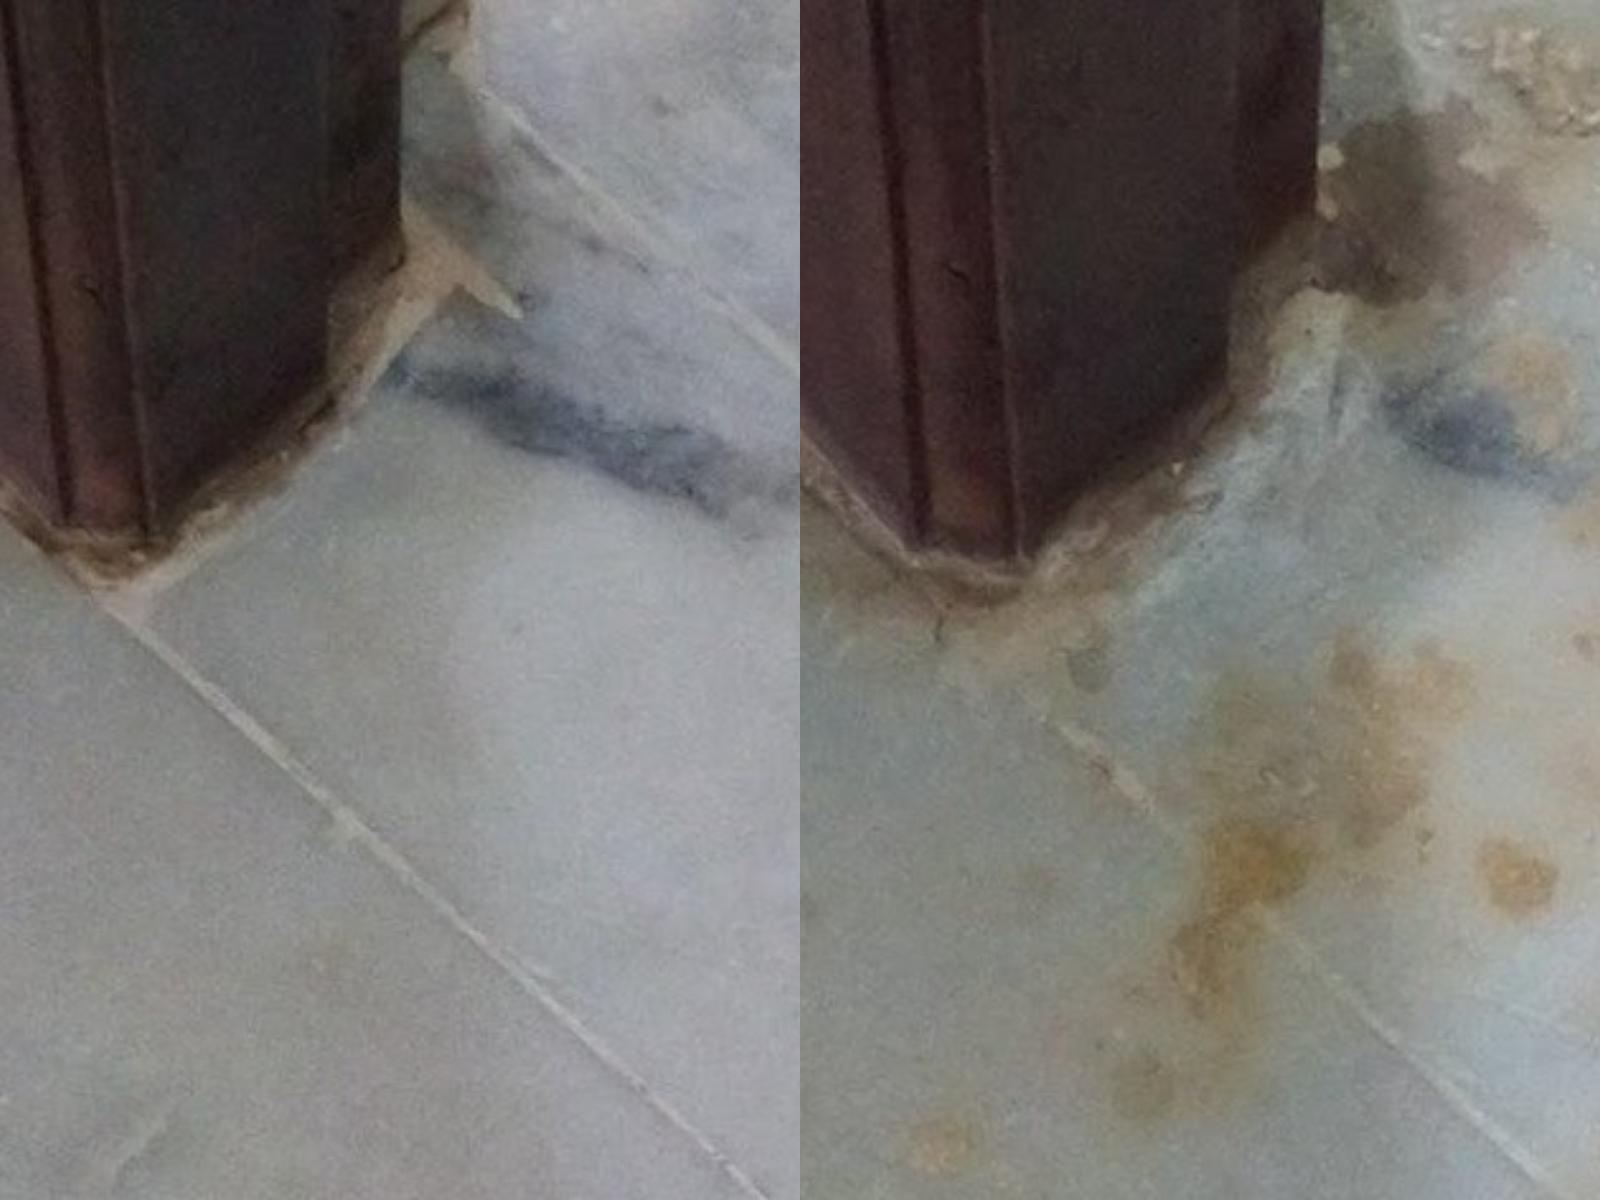 μάρμαρο-καθαρίστε-τα-λίπη-clean tips-